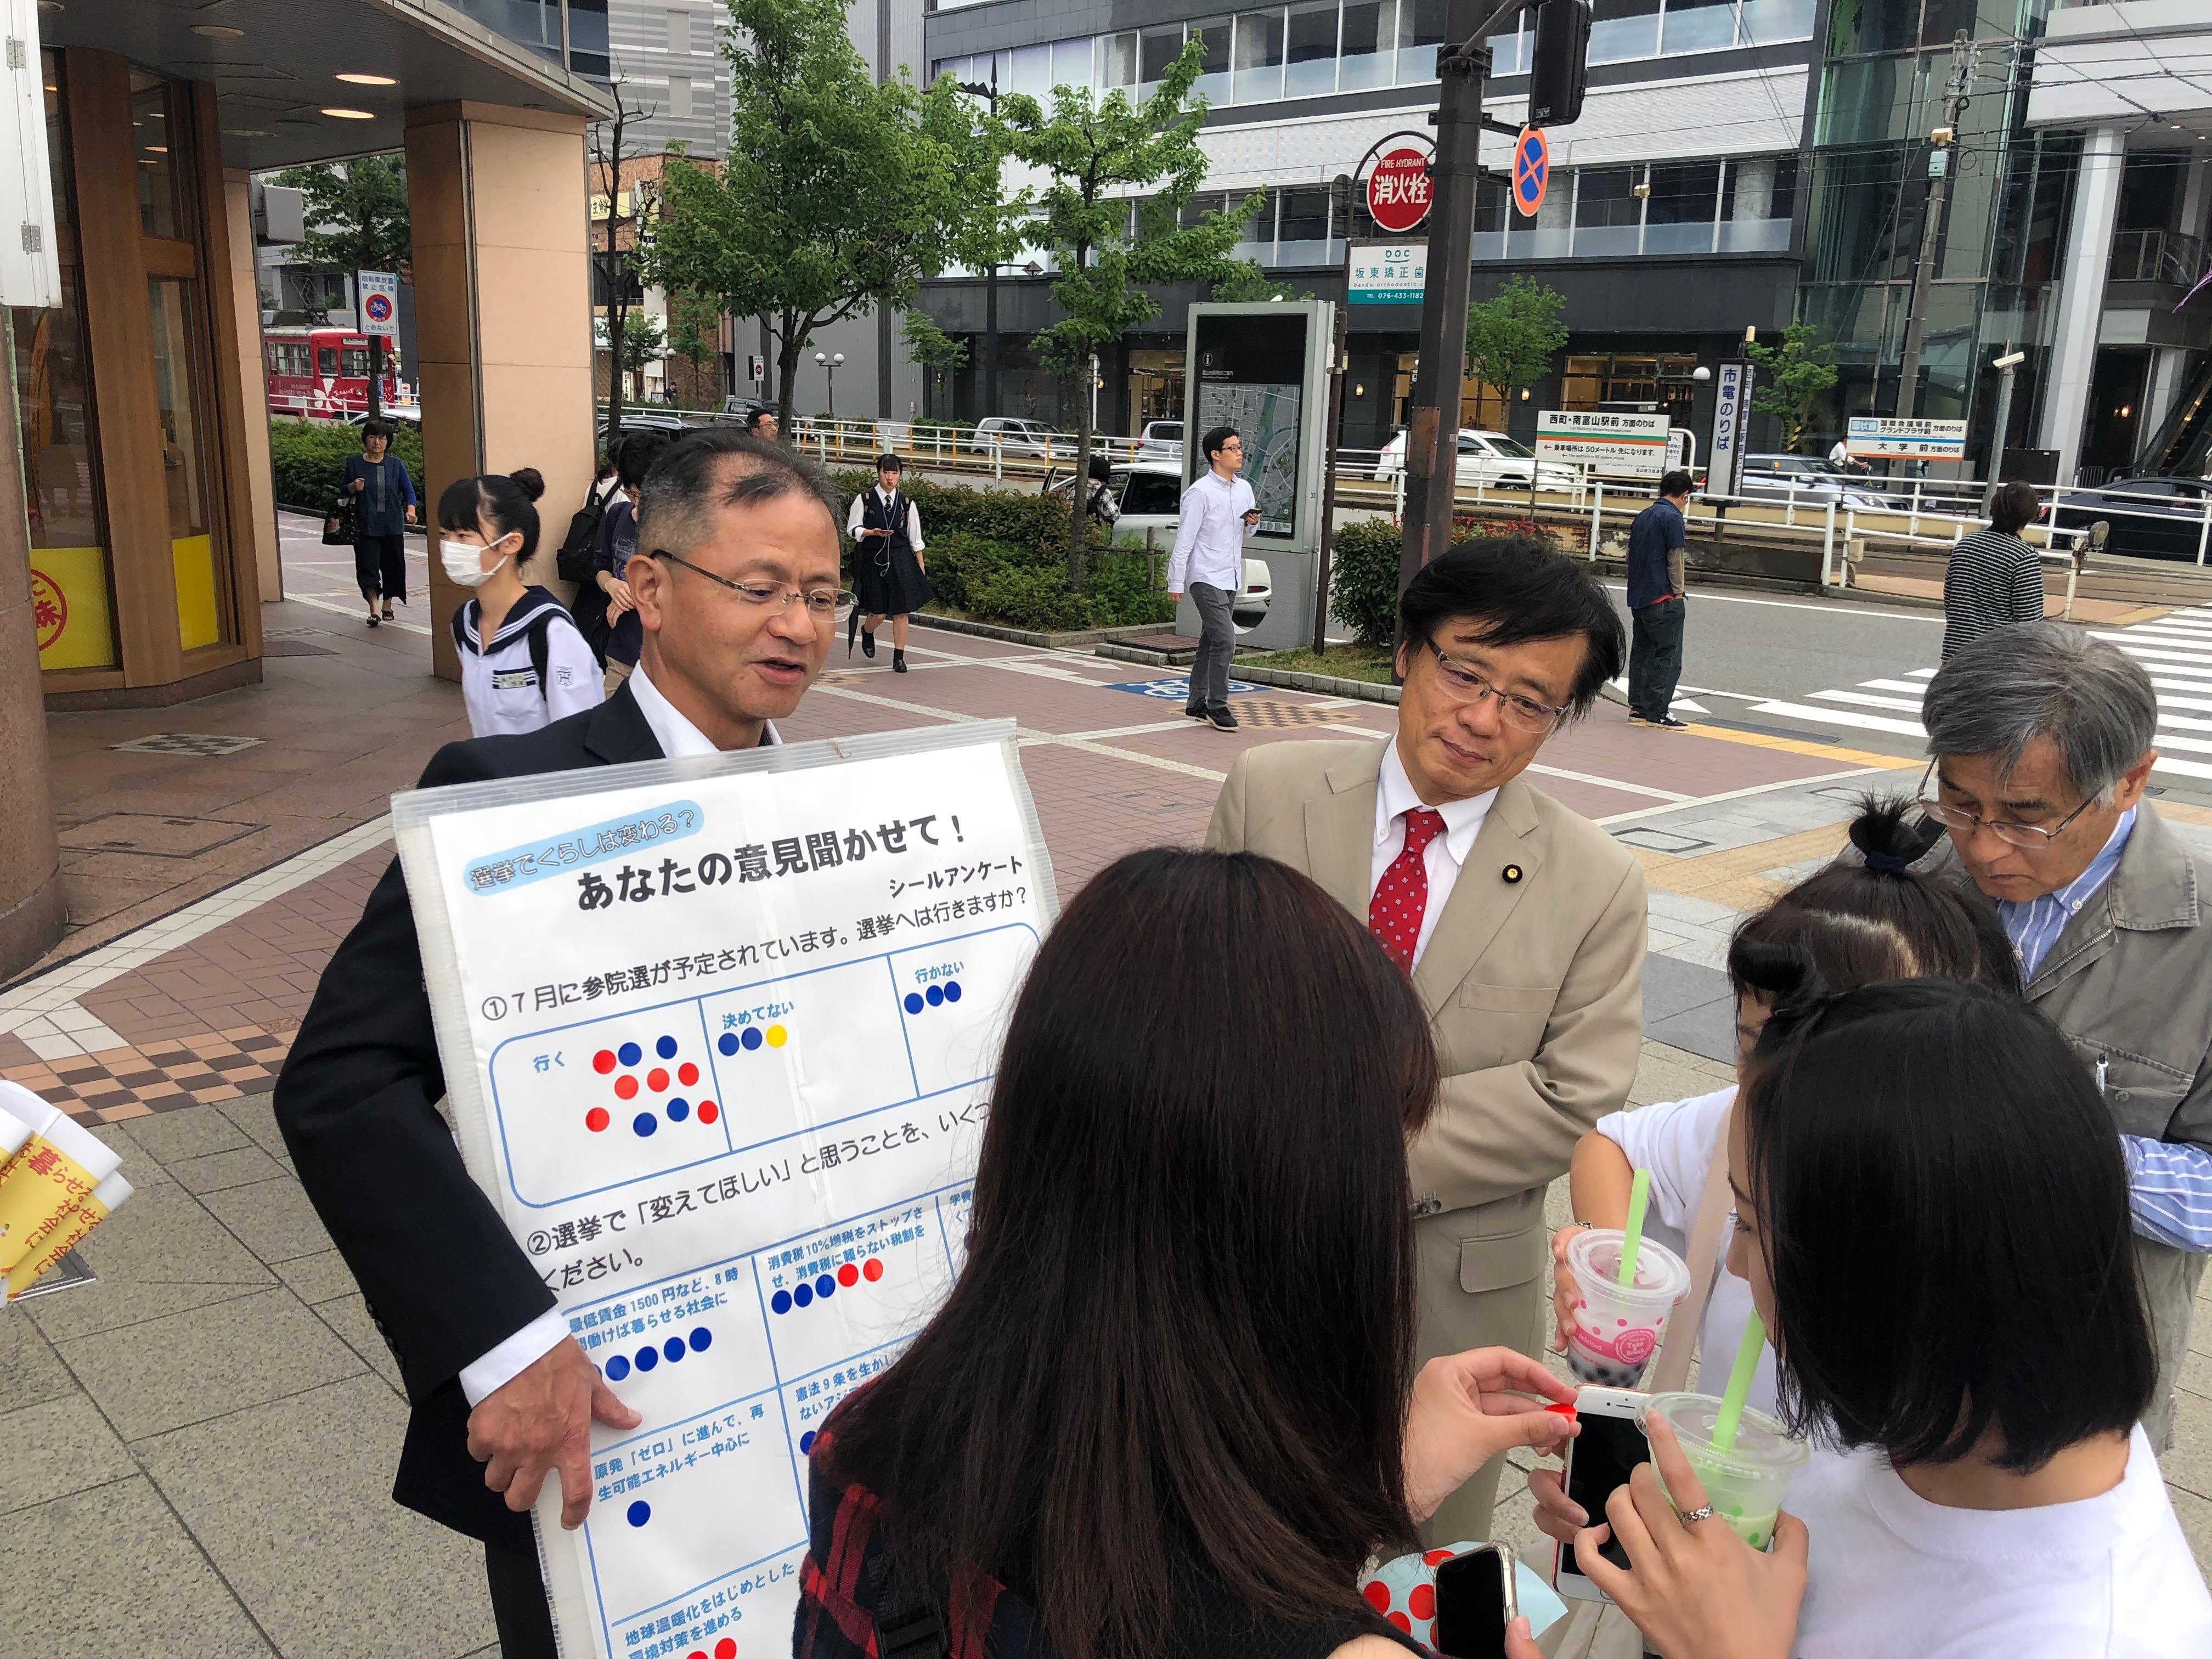 http://www.inoue-satoshi.com/diary/62167287_2274092422843950_6741447239794688000_n.jpg